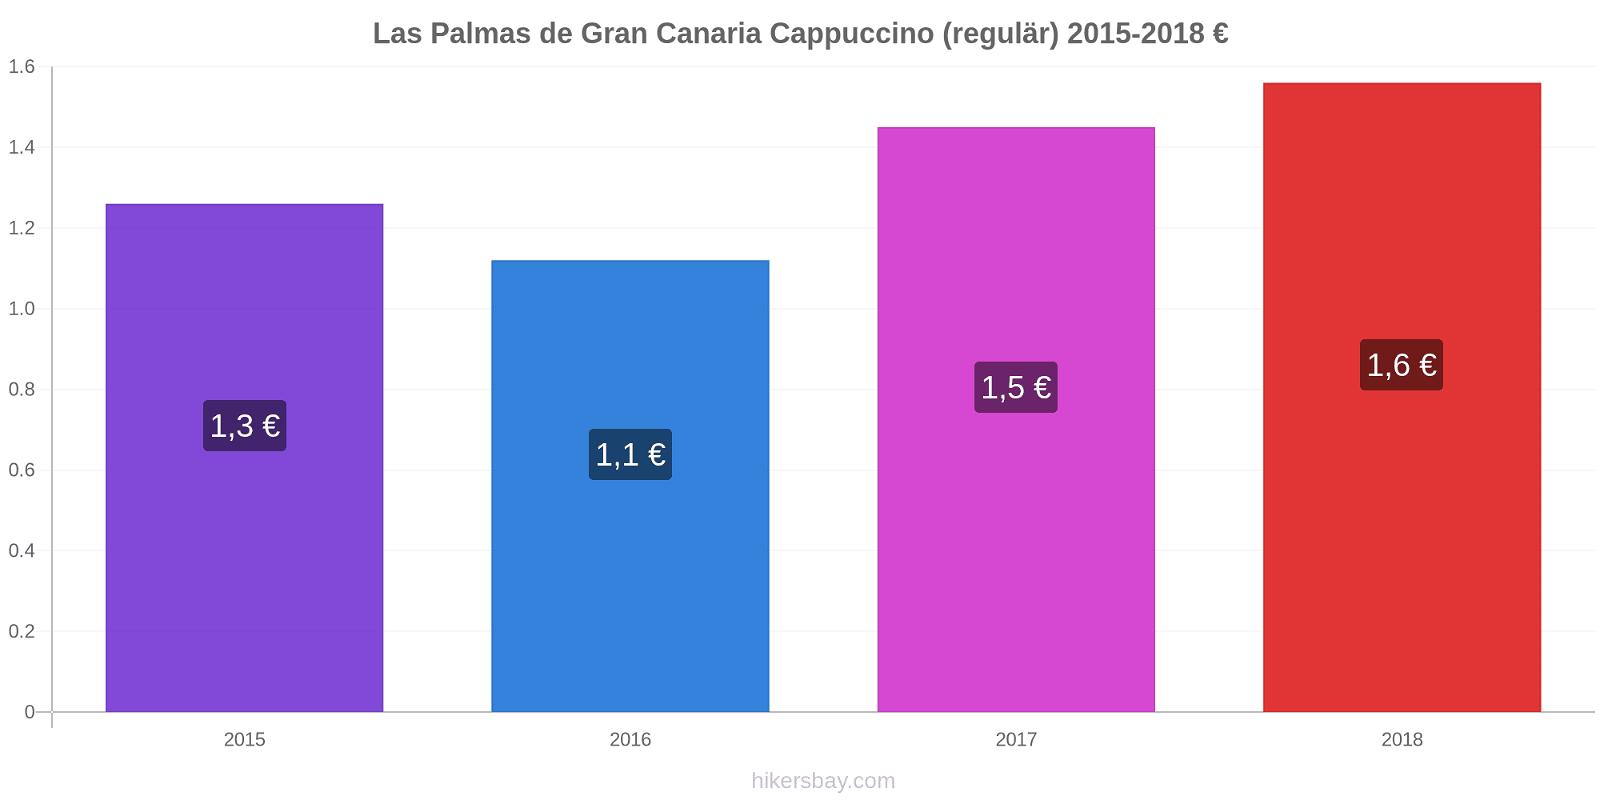 Las Palmas de Gran Canaria Preisänderungen Cappuccino (regulär) hikersbay.com